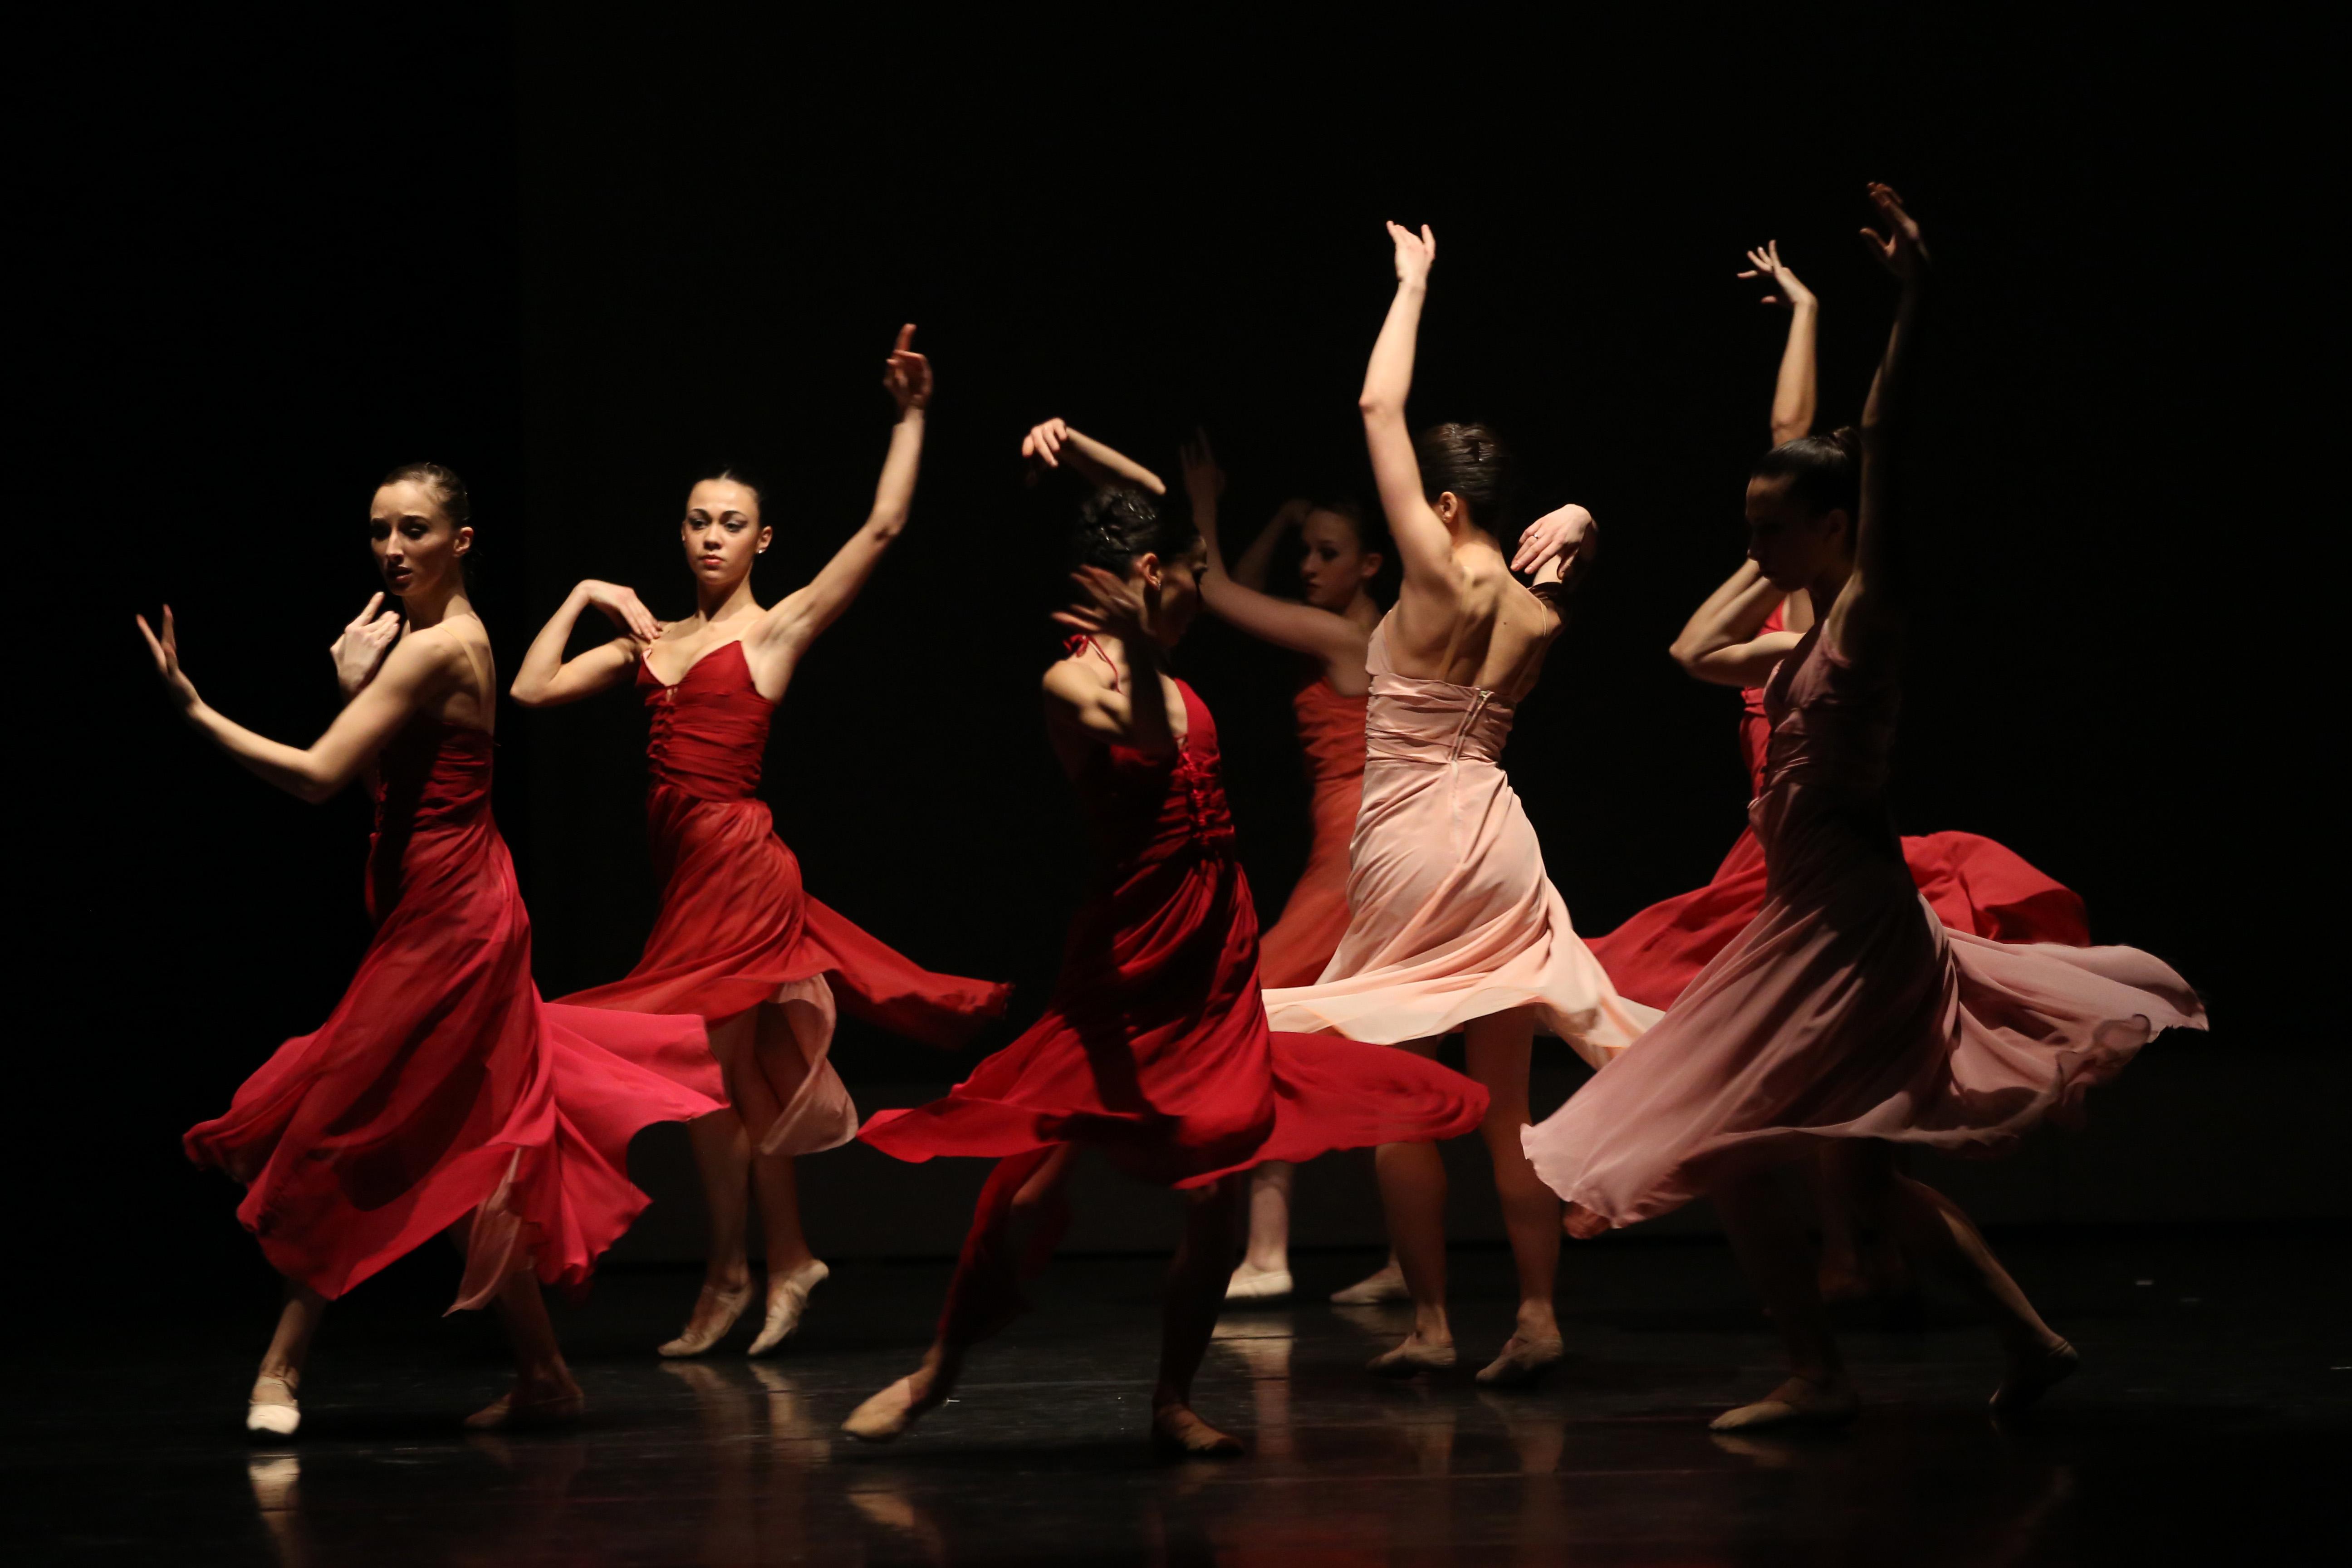 Il Balletto di Milano approda a Vercelli con Bolero: unica data in Piemonte